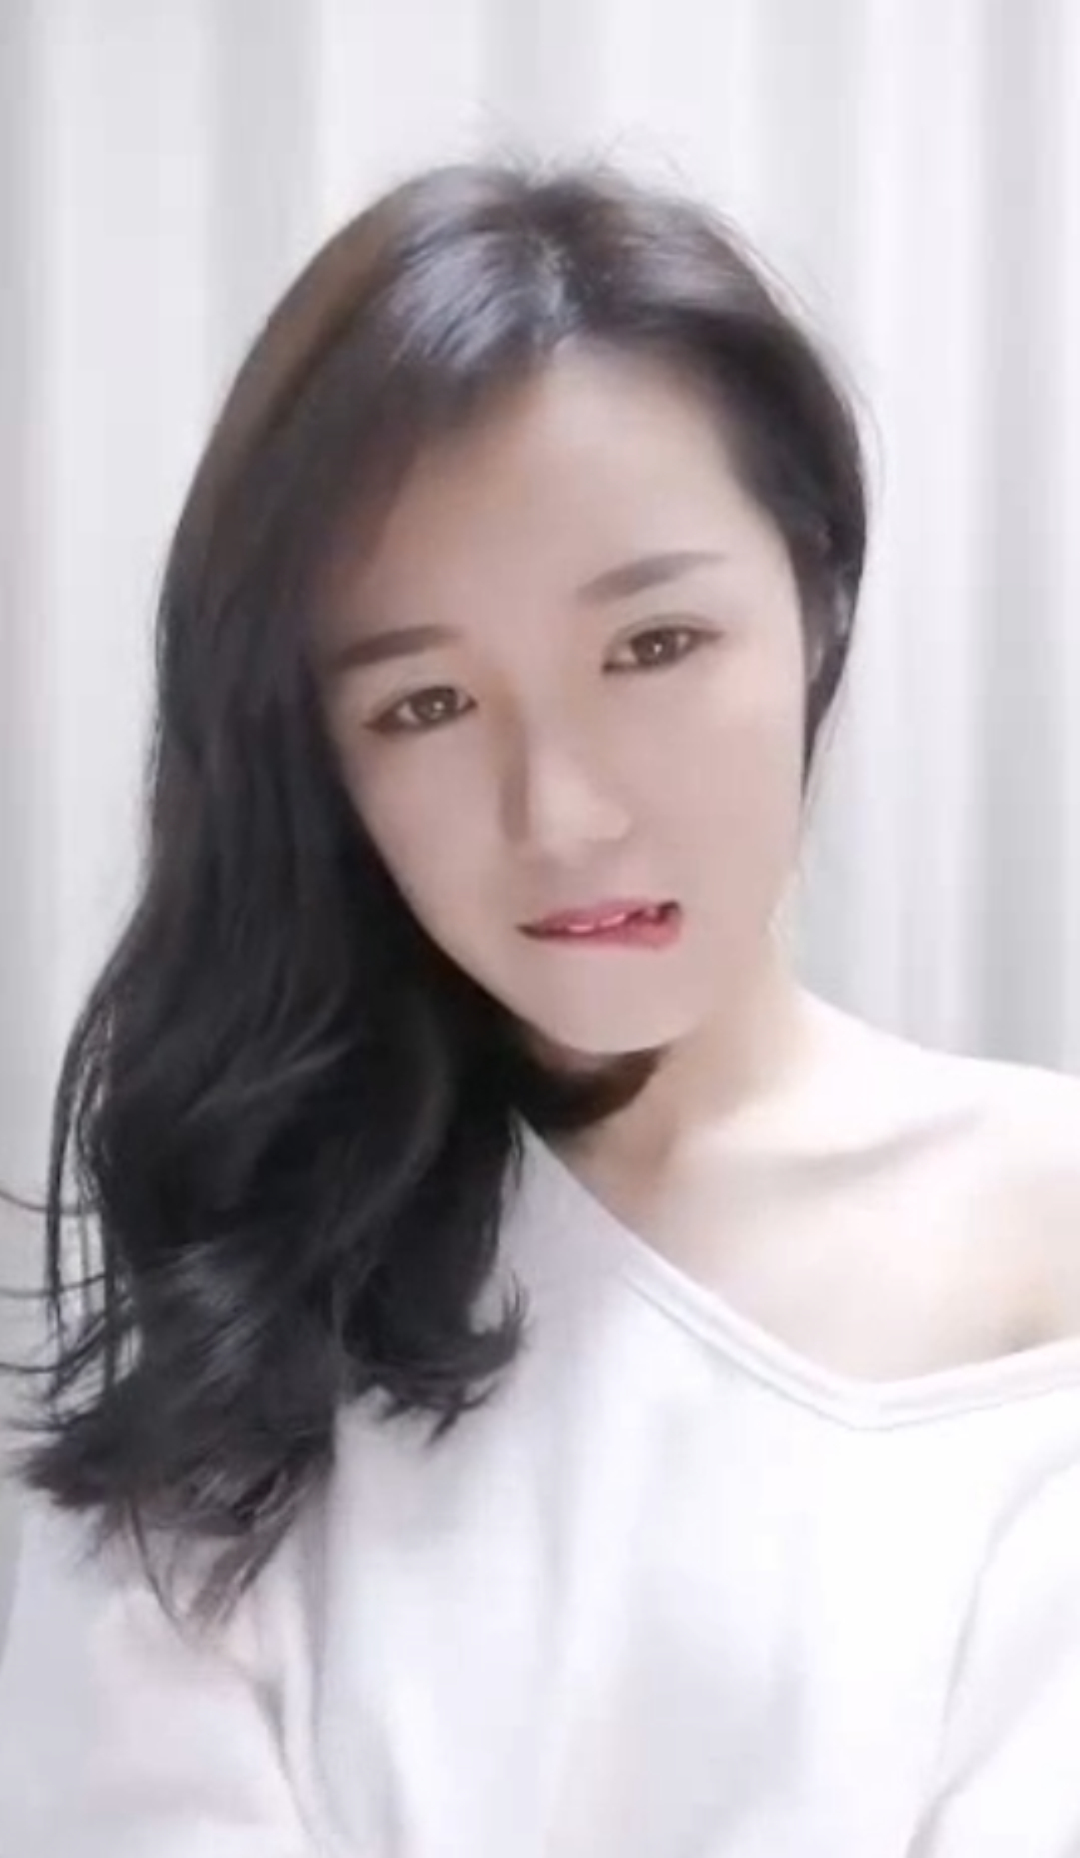 极品高颜值女主播 网红女神萝莉菲菲10部视频全集下载【10V/3.25G】